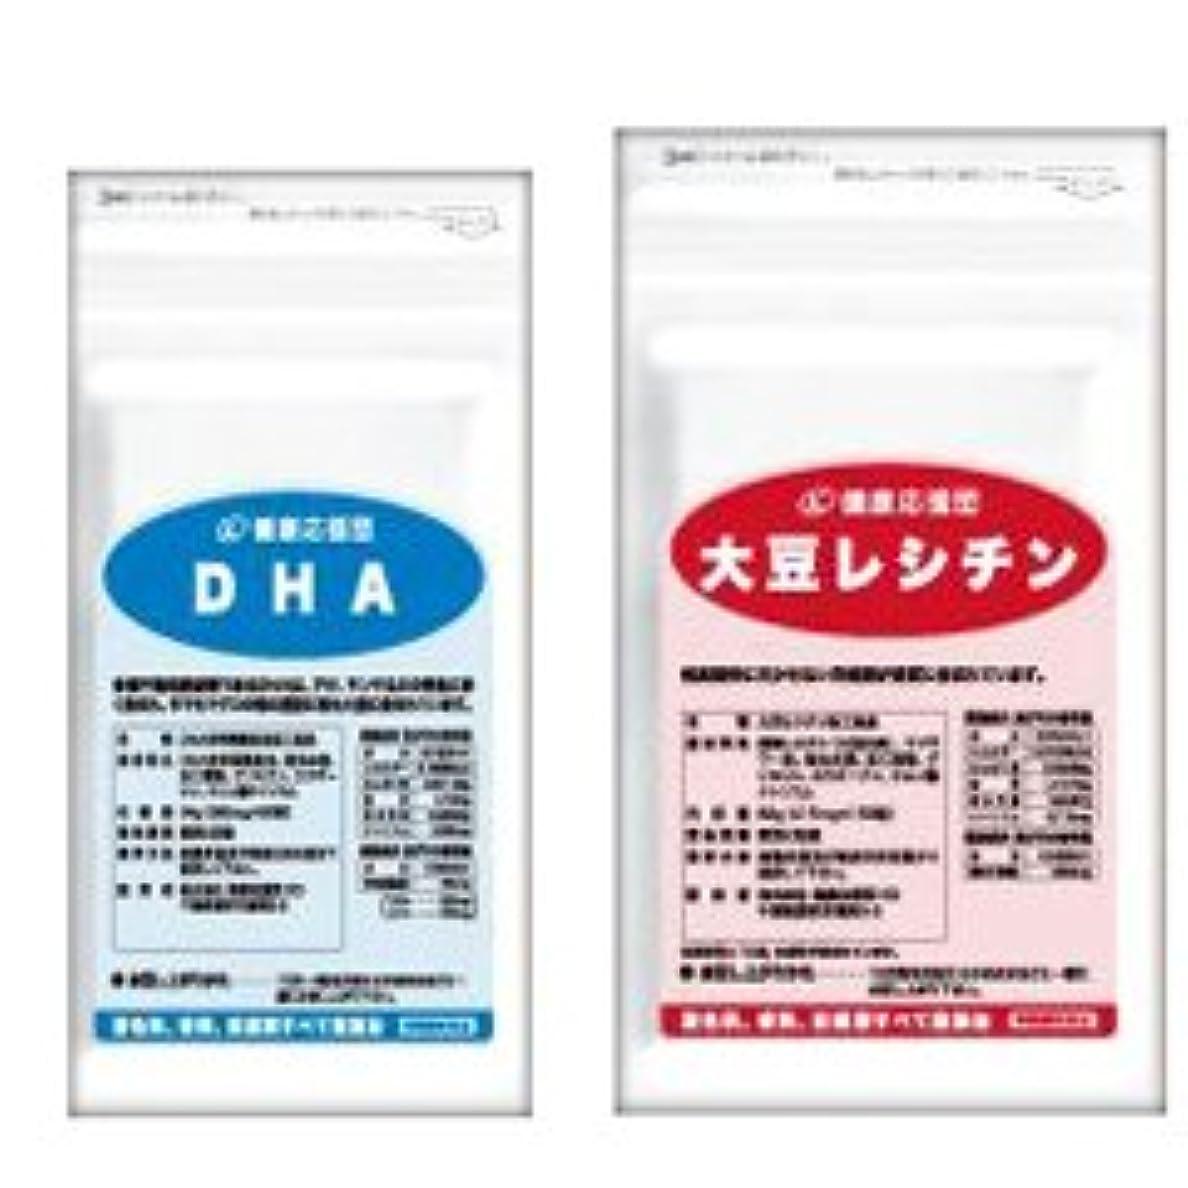 カーフ習字本部サラサラ巡りセット 大豆レシチン + DHA